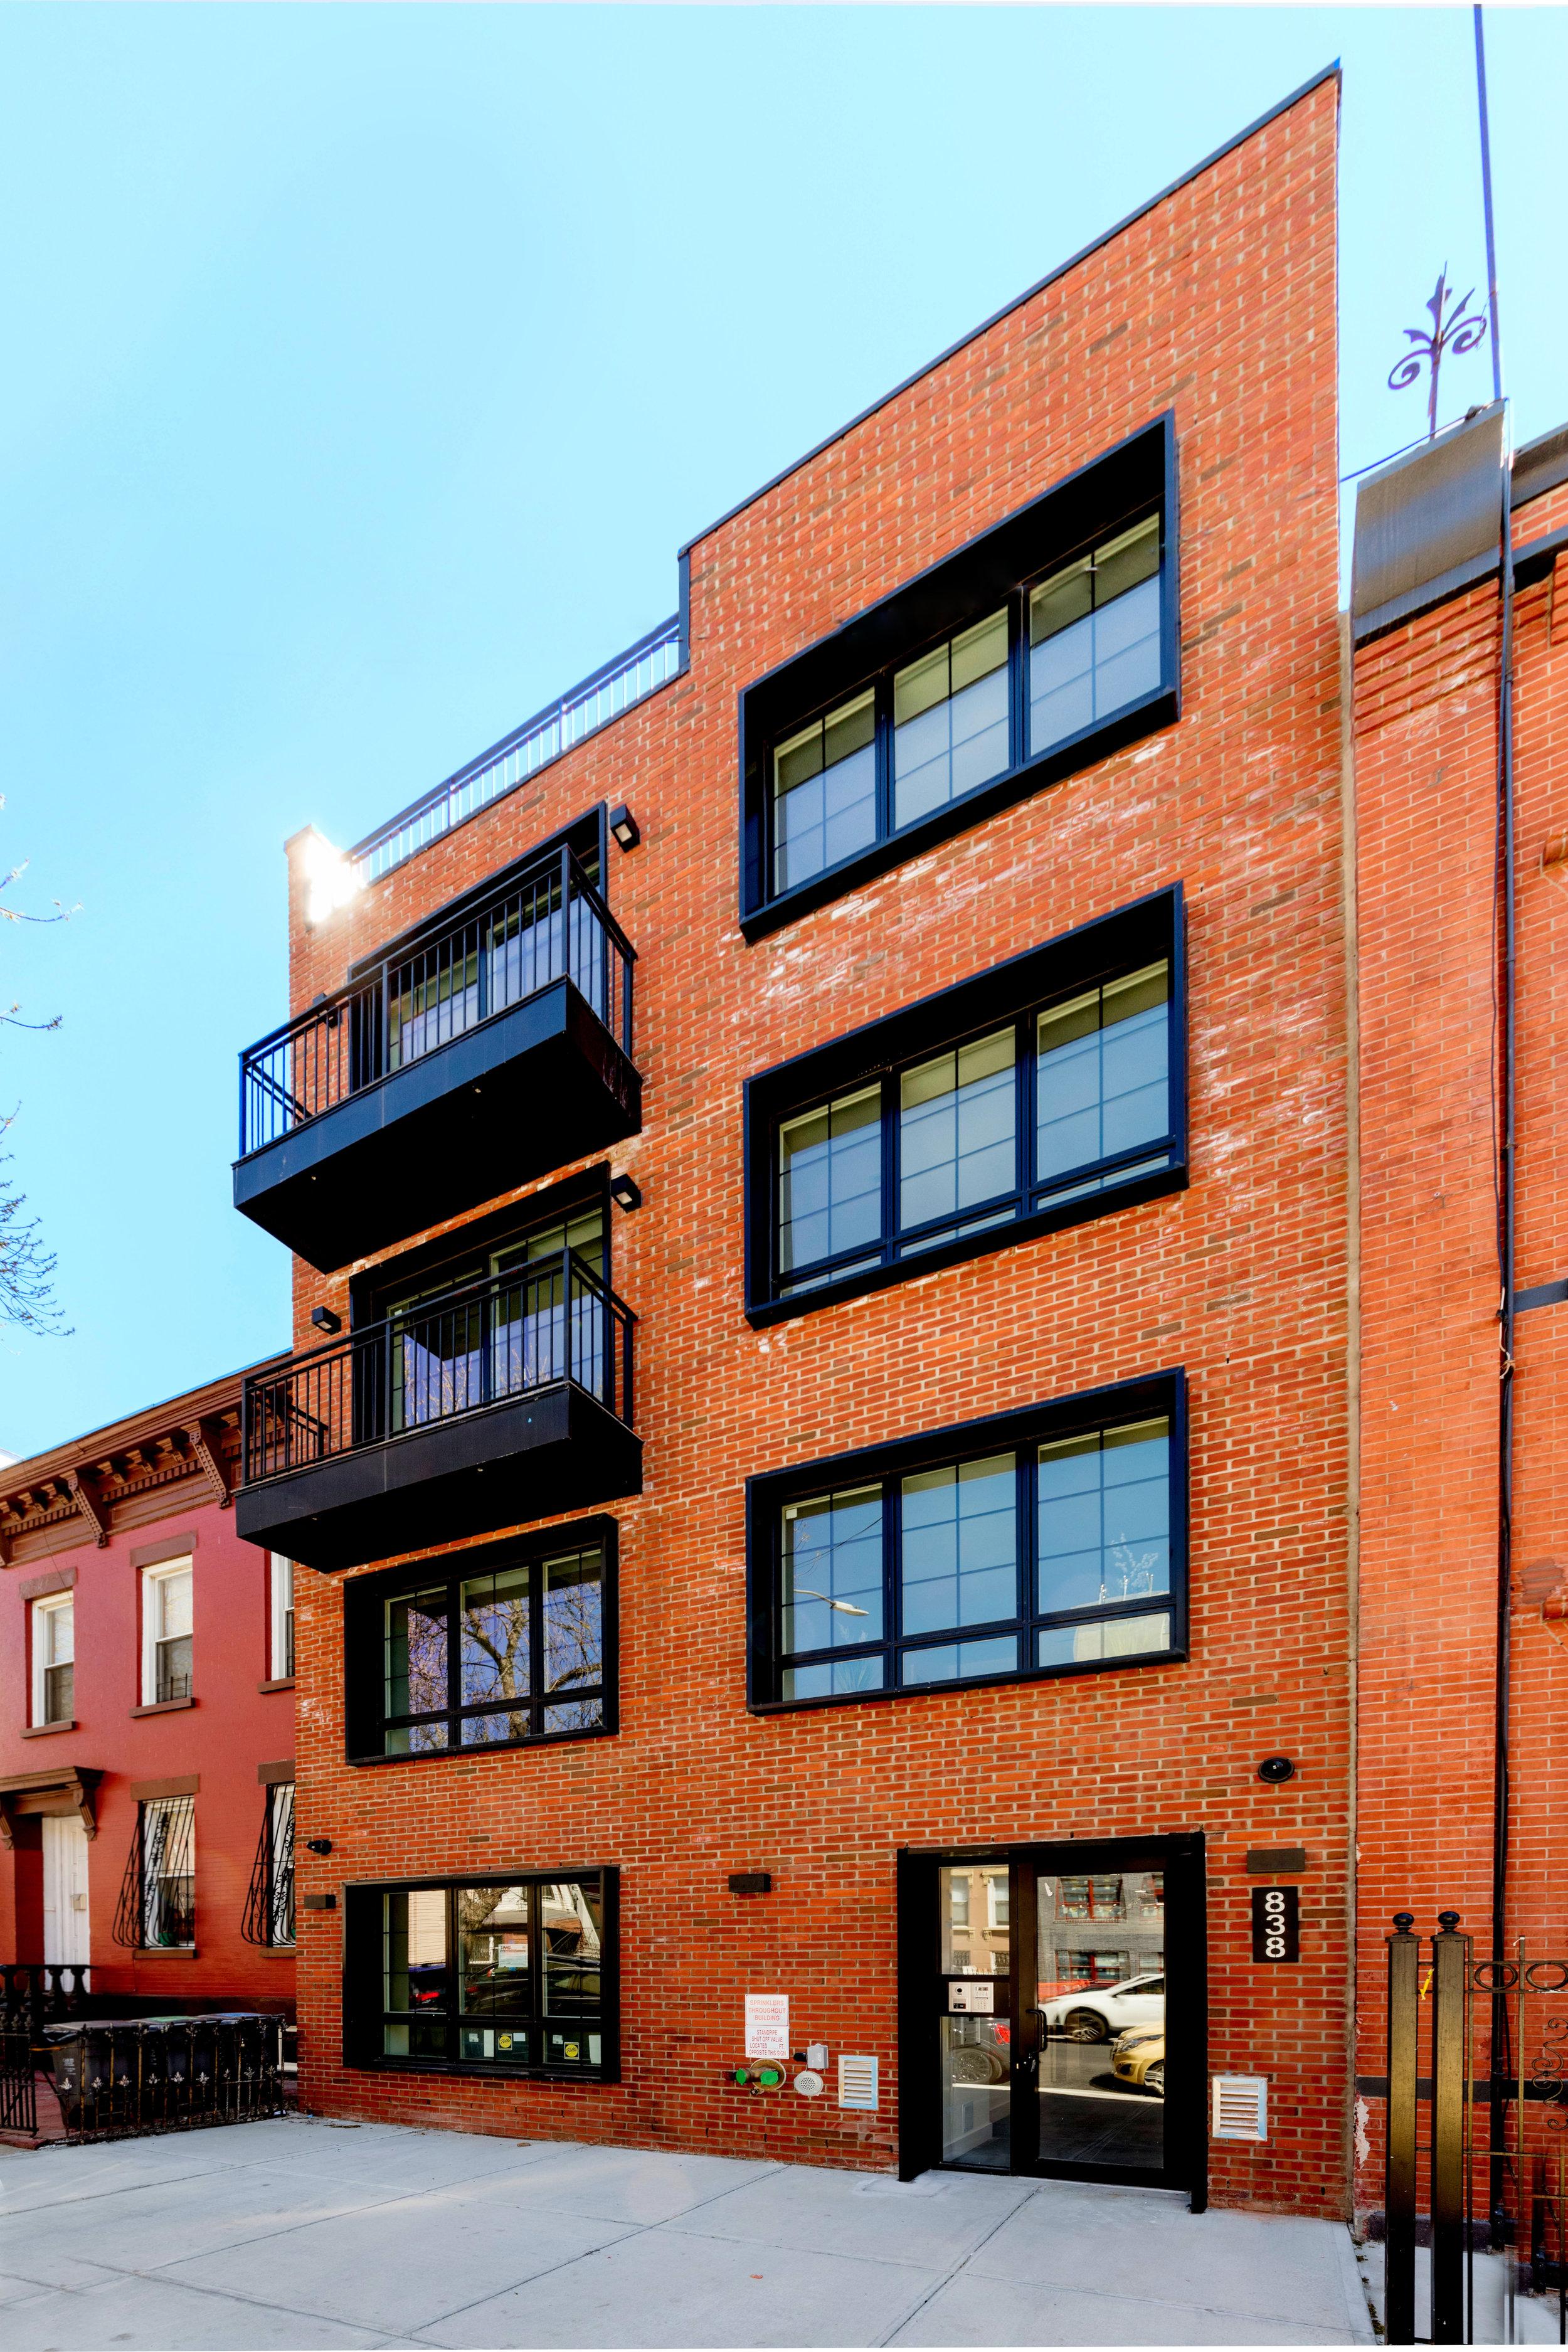 838 facade.jpg